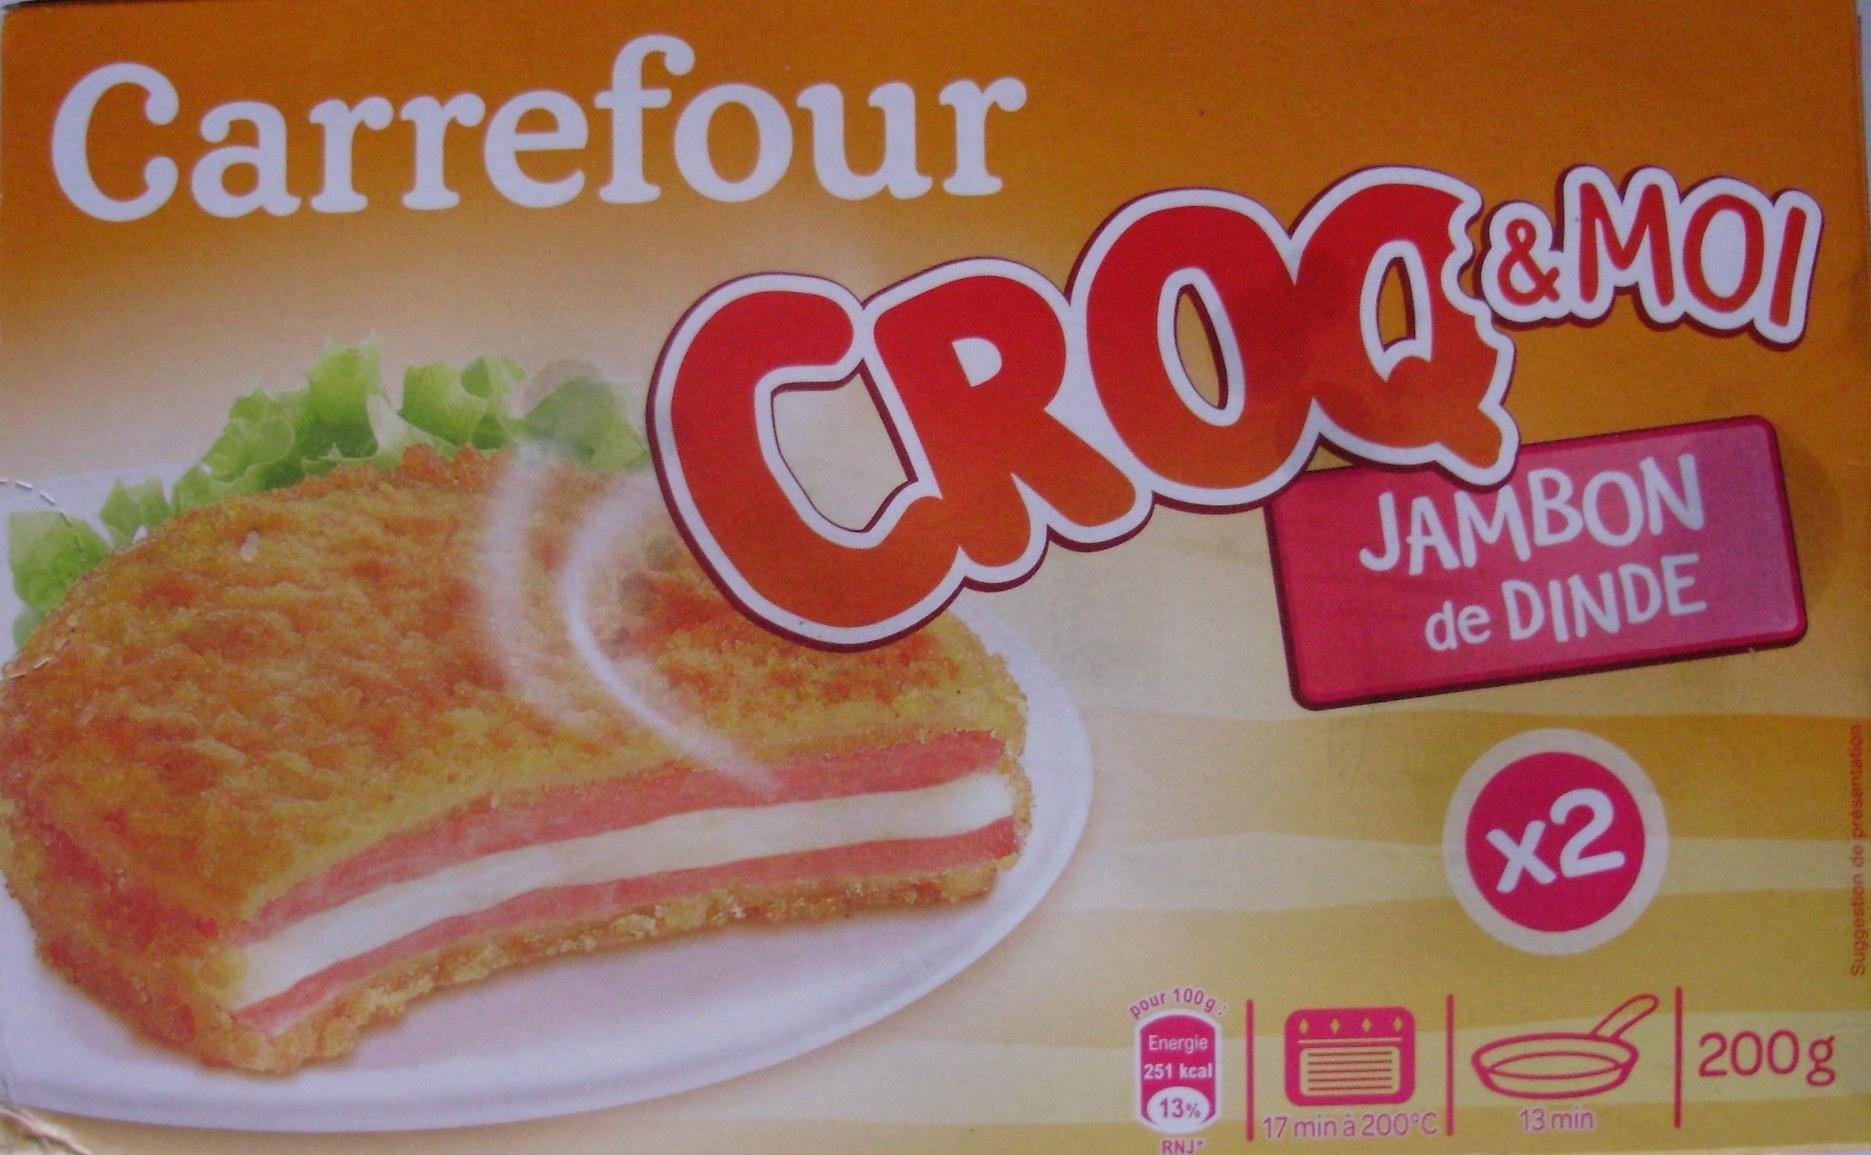 Croq&Moi, Jambon de dinde (x 2) - Produit - fr